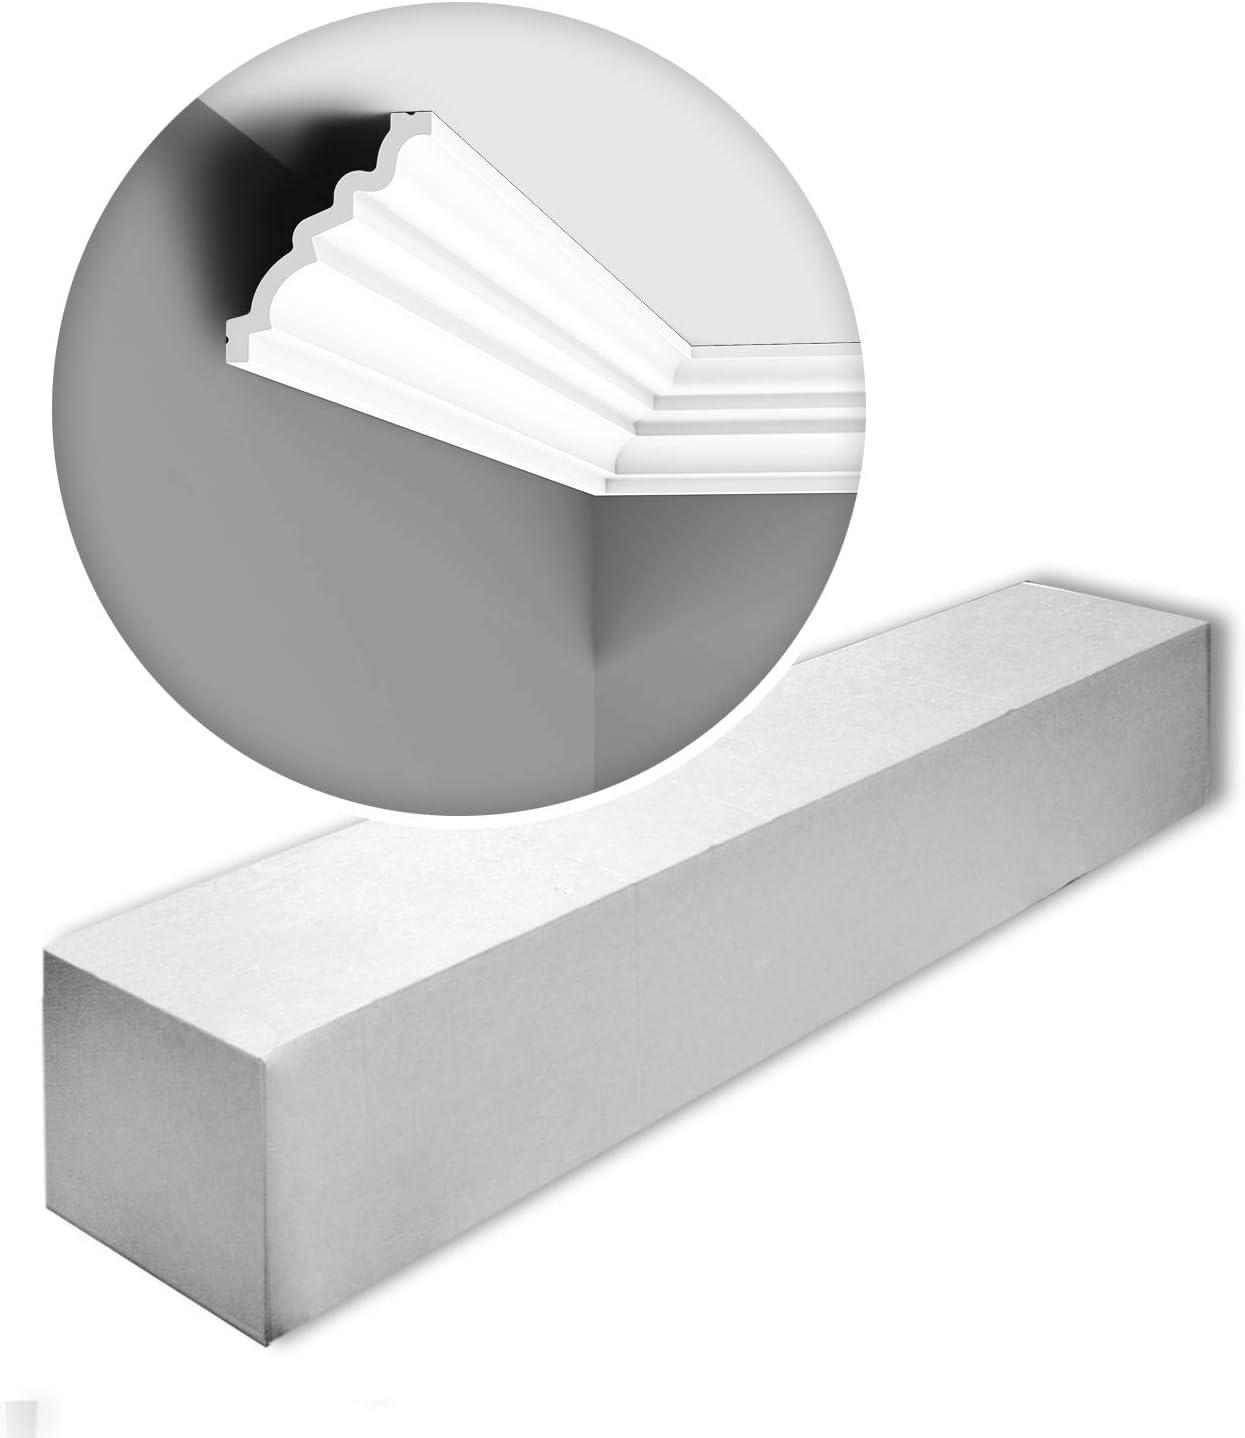 Orac Decor C326-box LUXXUS MANOIR 1 Box 15 Pieces Cornice Moulding 30 m